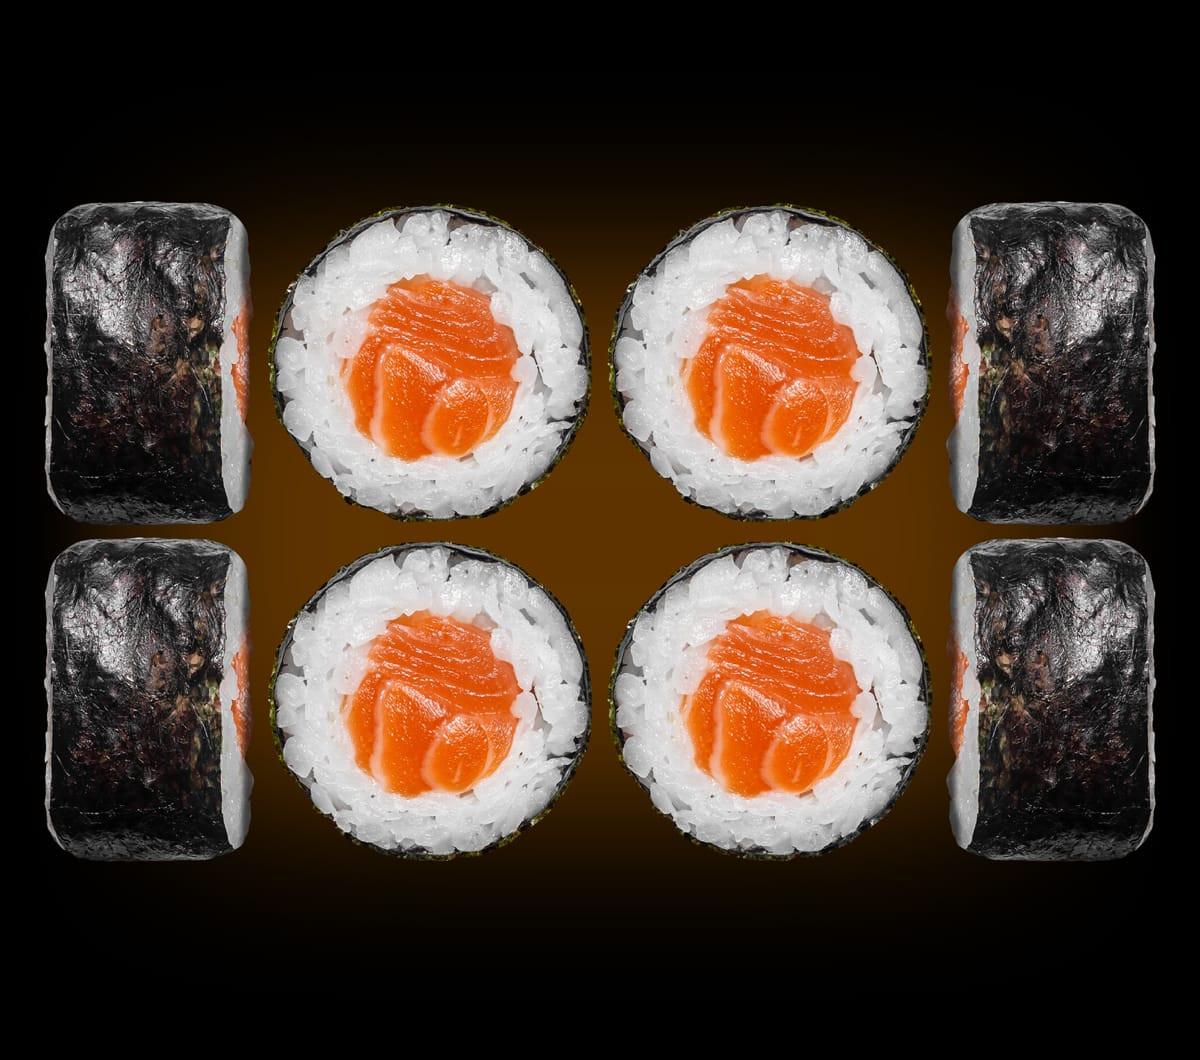 заказать: Роллы - Маки с лососем